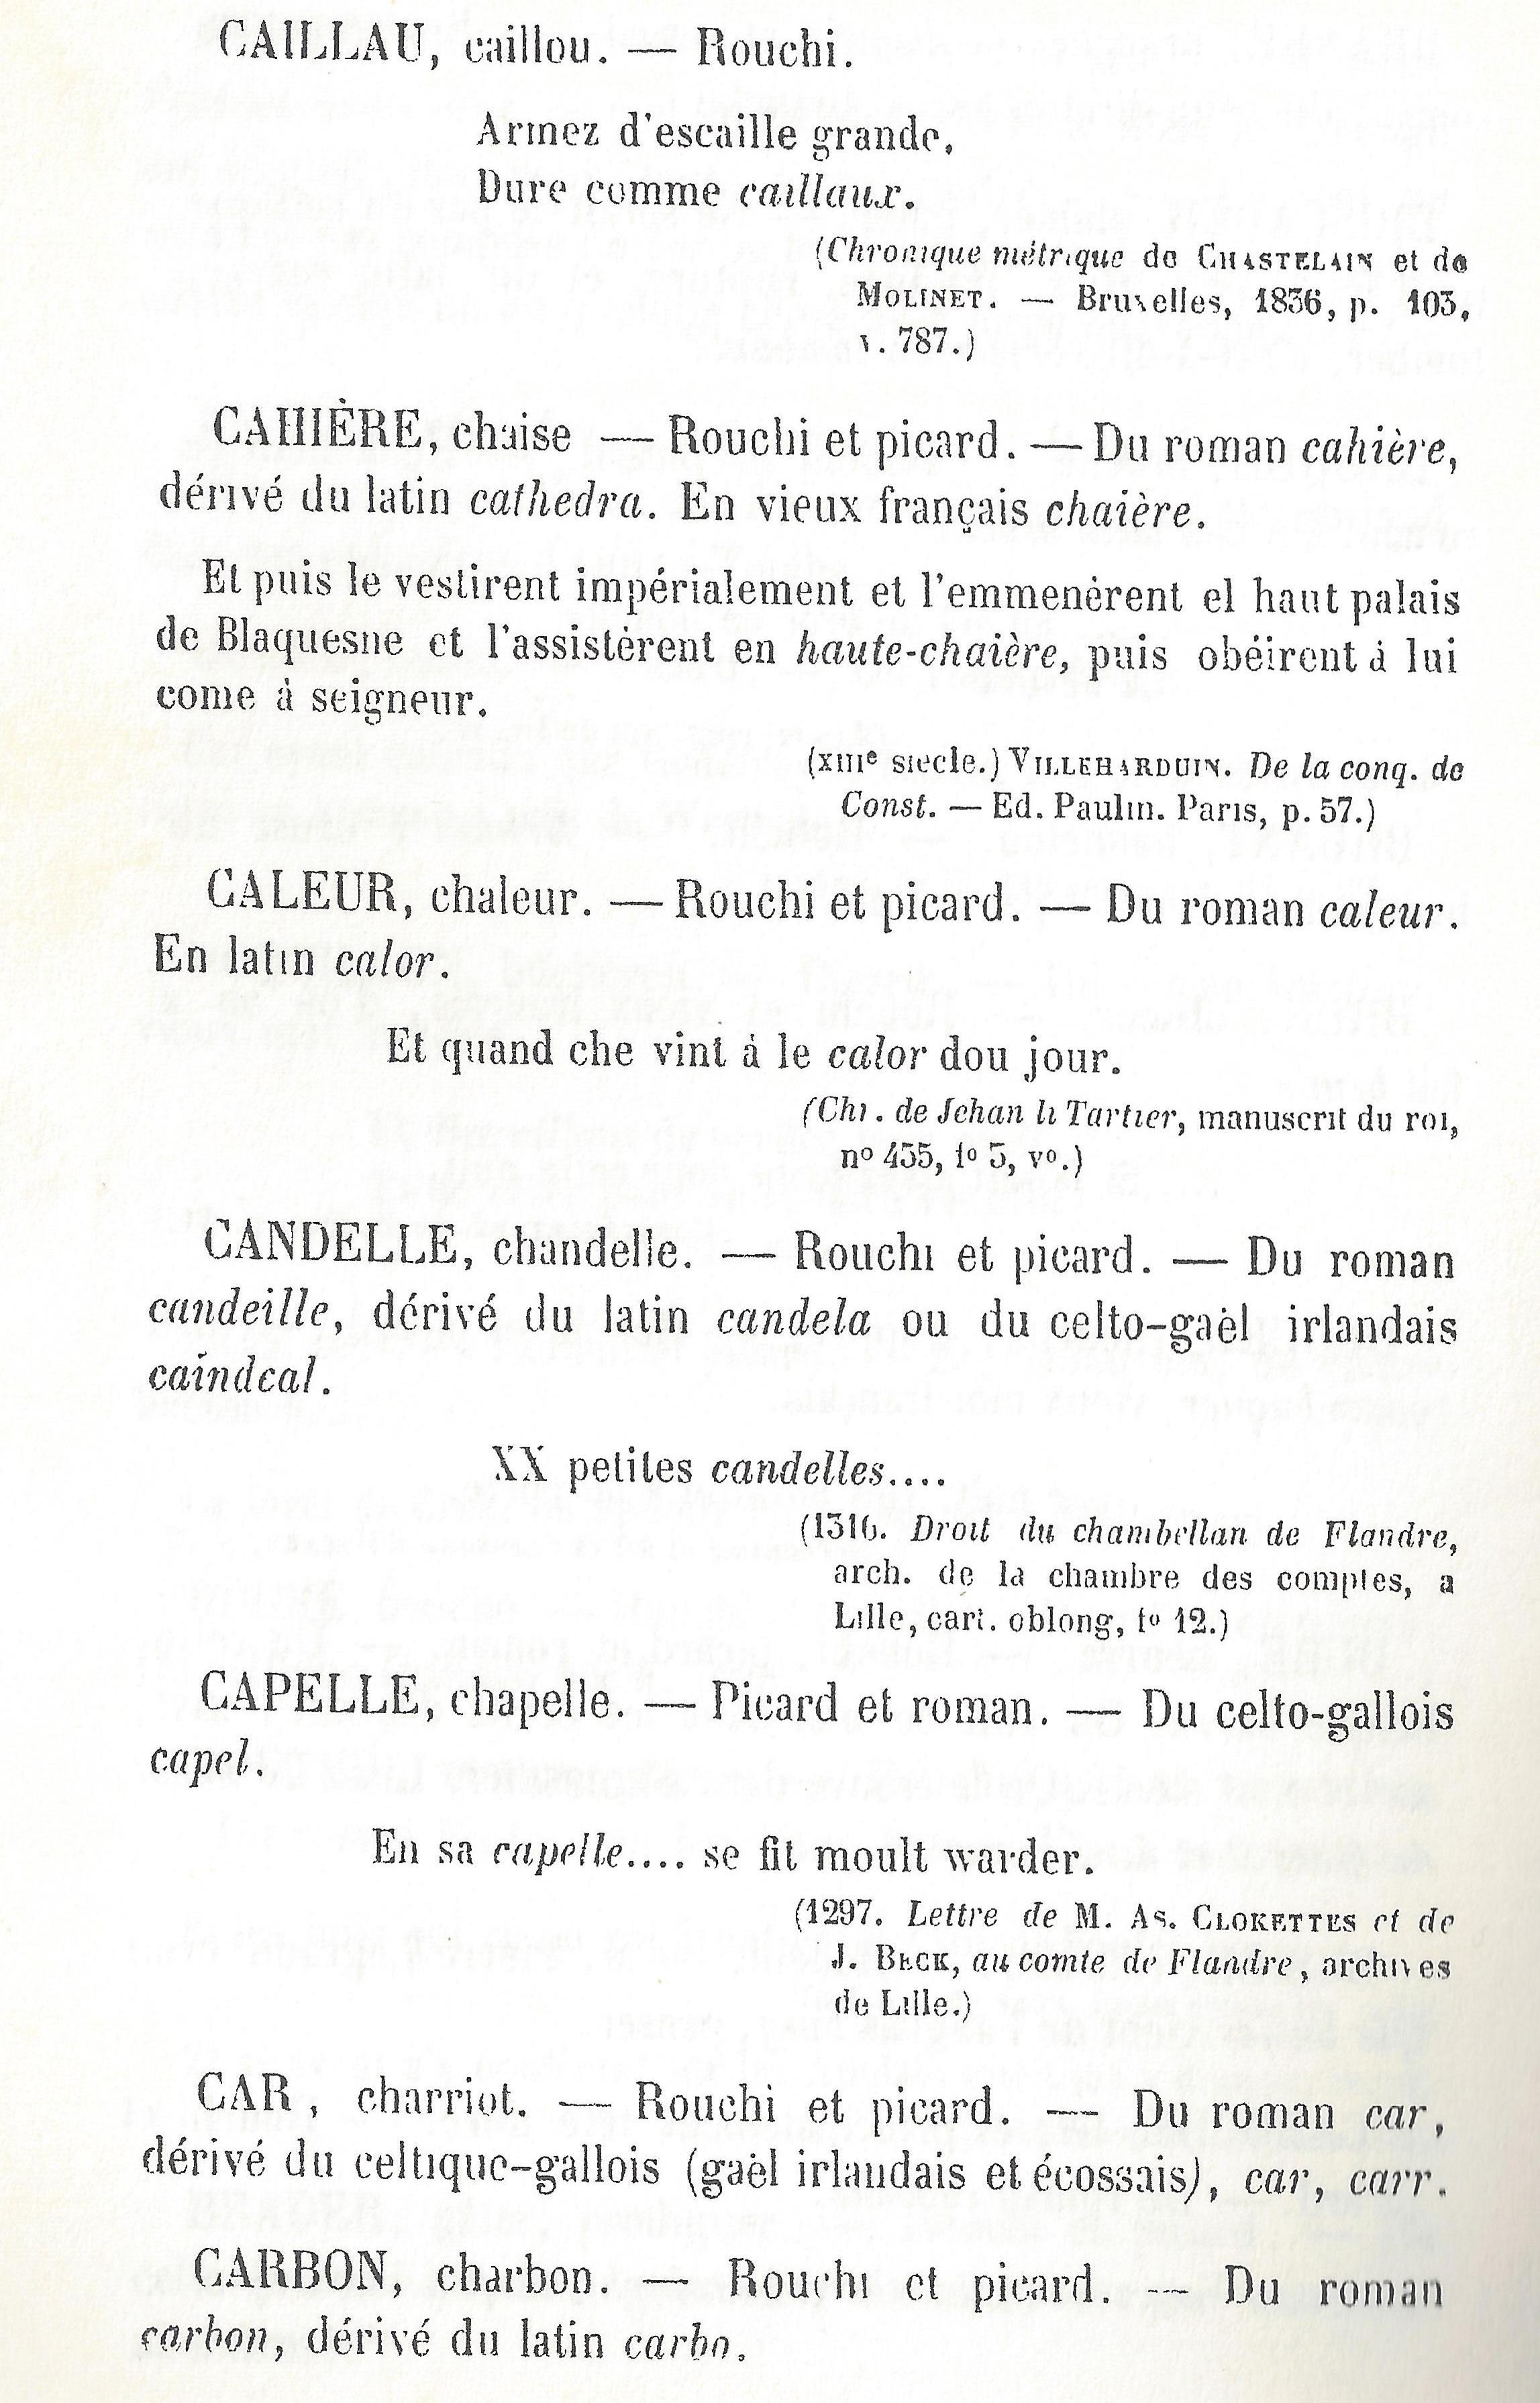 patoi de tg 4_Histoire du Tourcoing Charles Roussel_Delfontaine le livre d'histoire monographies des villes et villages de France